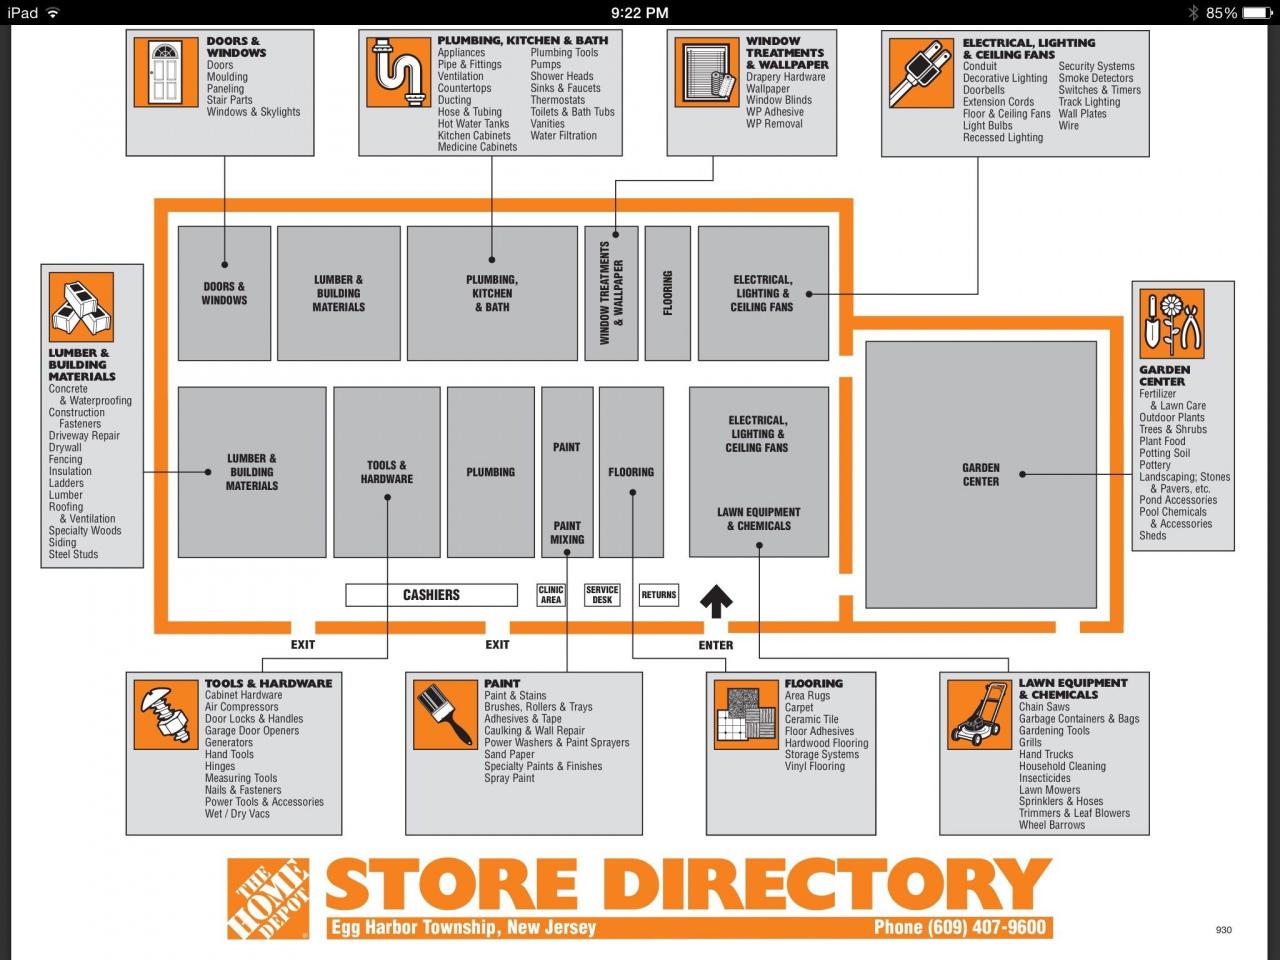 Brico Depot Store Luxe Home Depot Basement Windows 39 Inspirational Home Depot Of 31 Génial Brico Depot Store